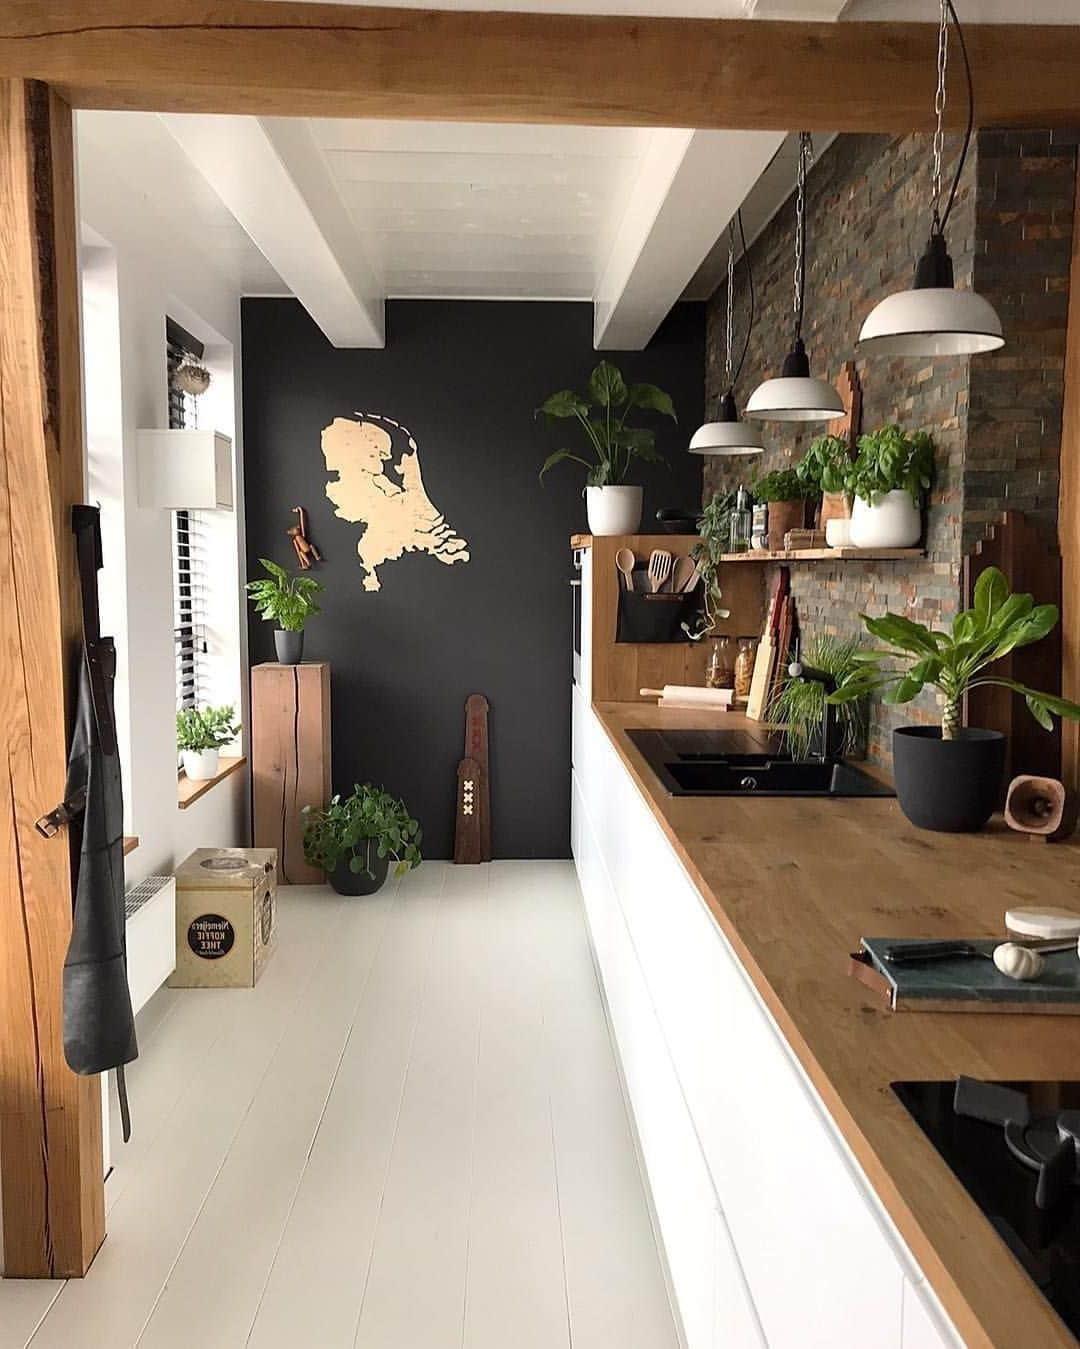 Белый глянцевый гарнитур с деревянной столешницей отлично смотрится с кухонным фартуком из декоративного кирпича